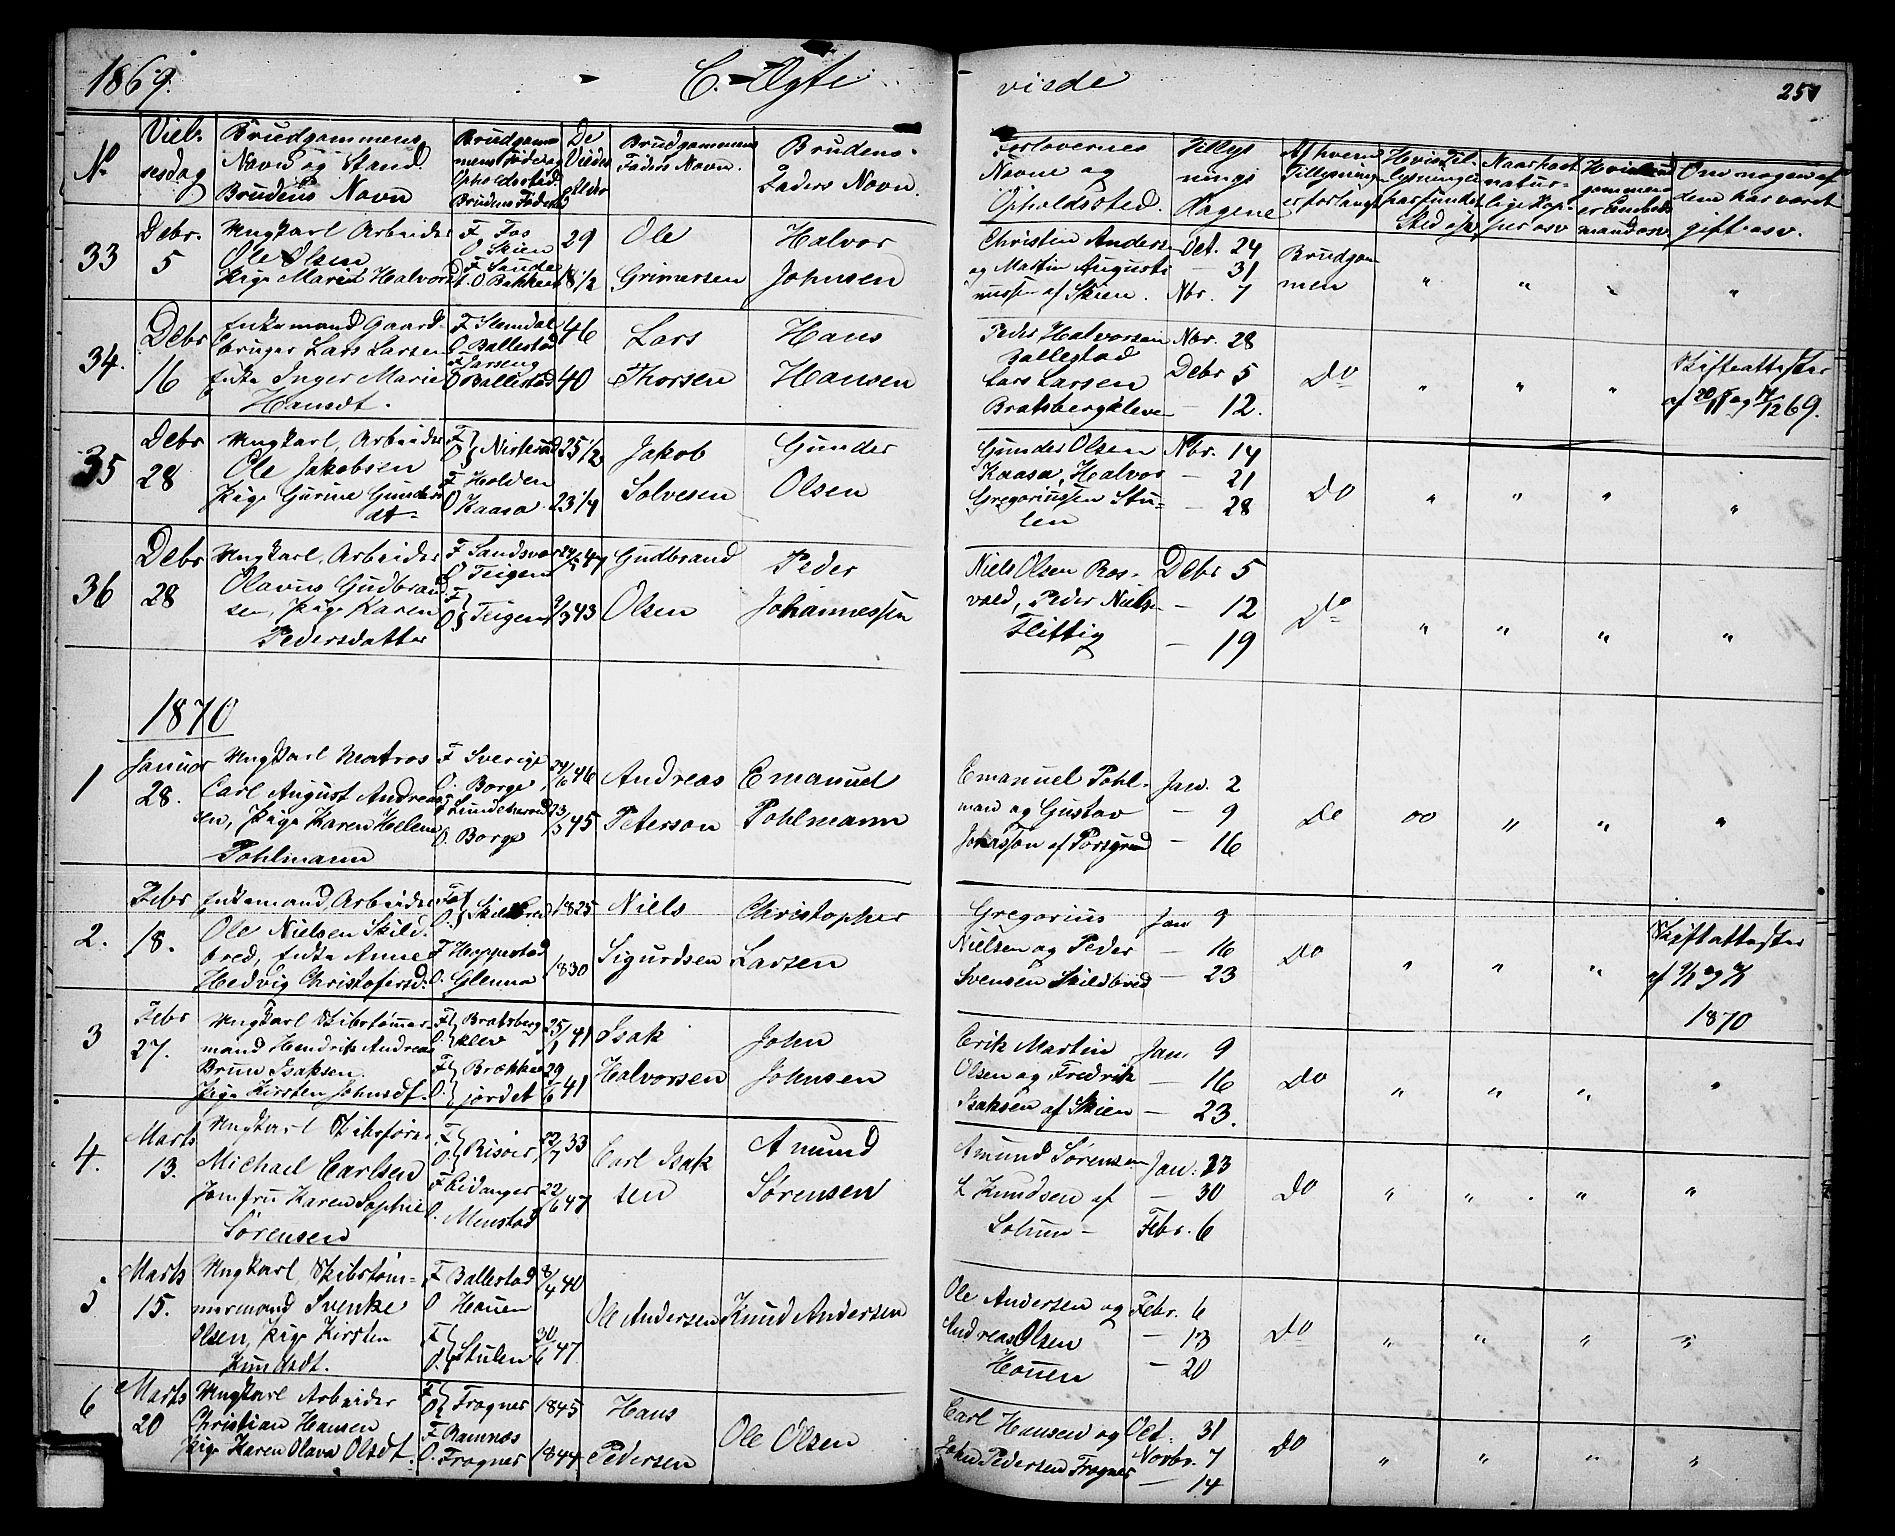 SAKO, Gjerpen kirkebøker, G/Ga/L0001: Klokkerbok nr. I 1, 1864-1882, s. 251